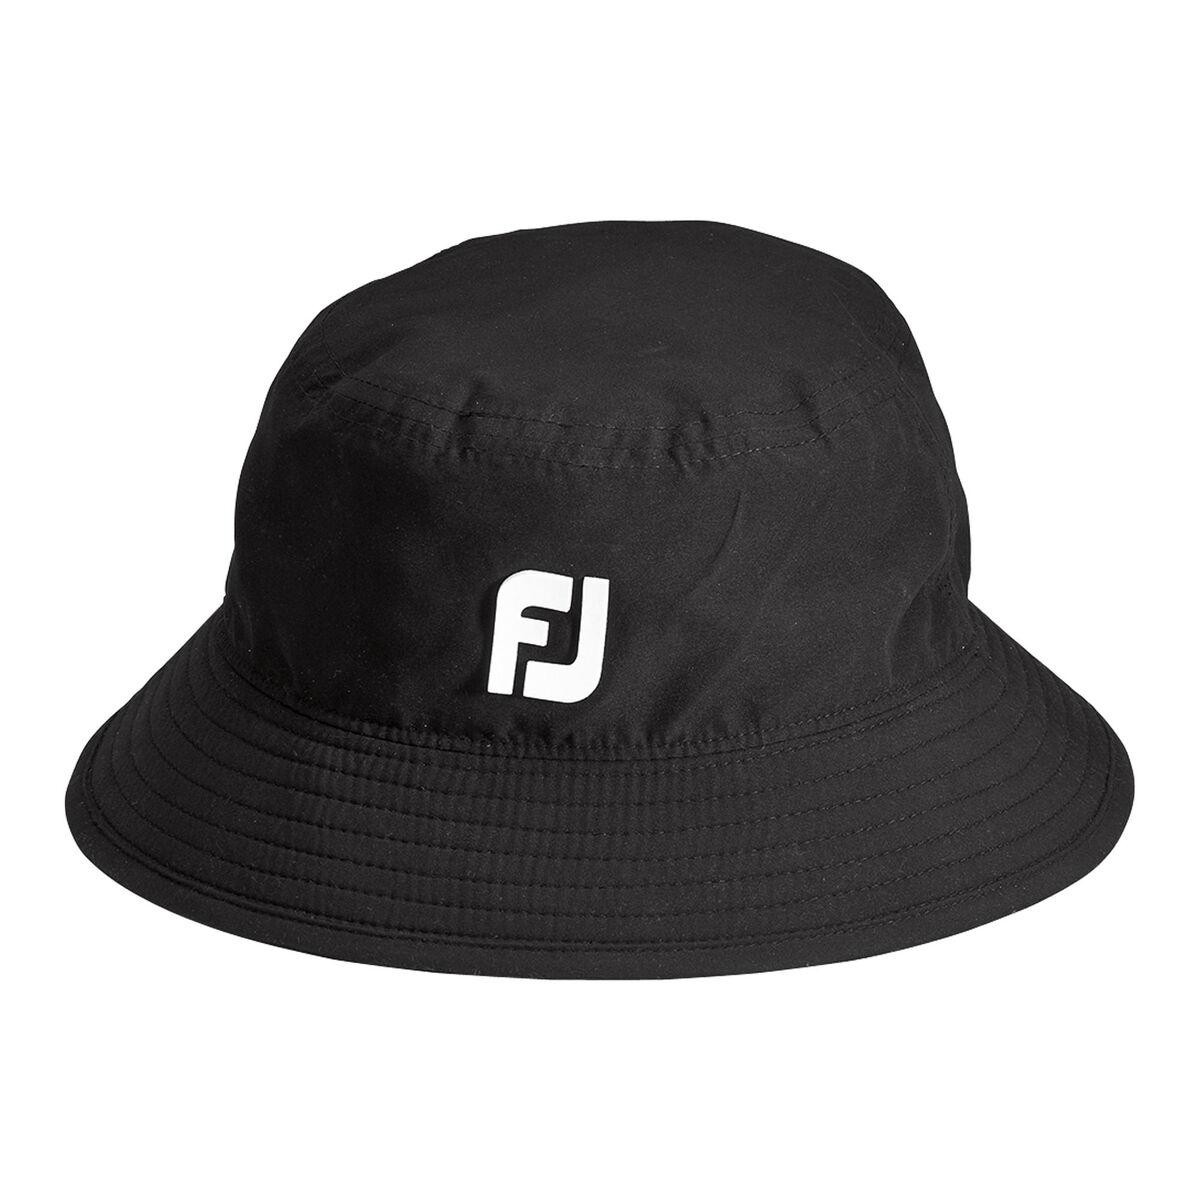 9e40251d995e3 FootJoy Rain Bucket Hat  Find FootJoy Golf Headwear